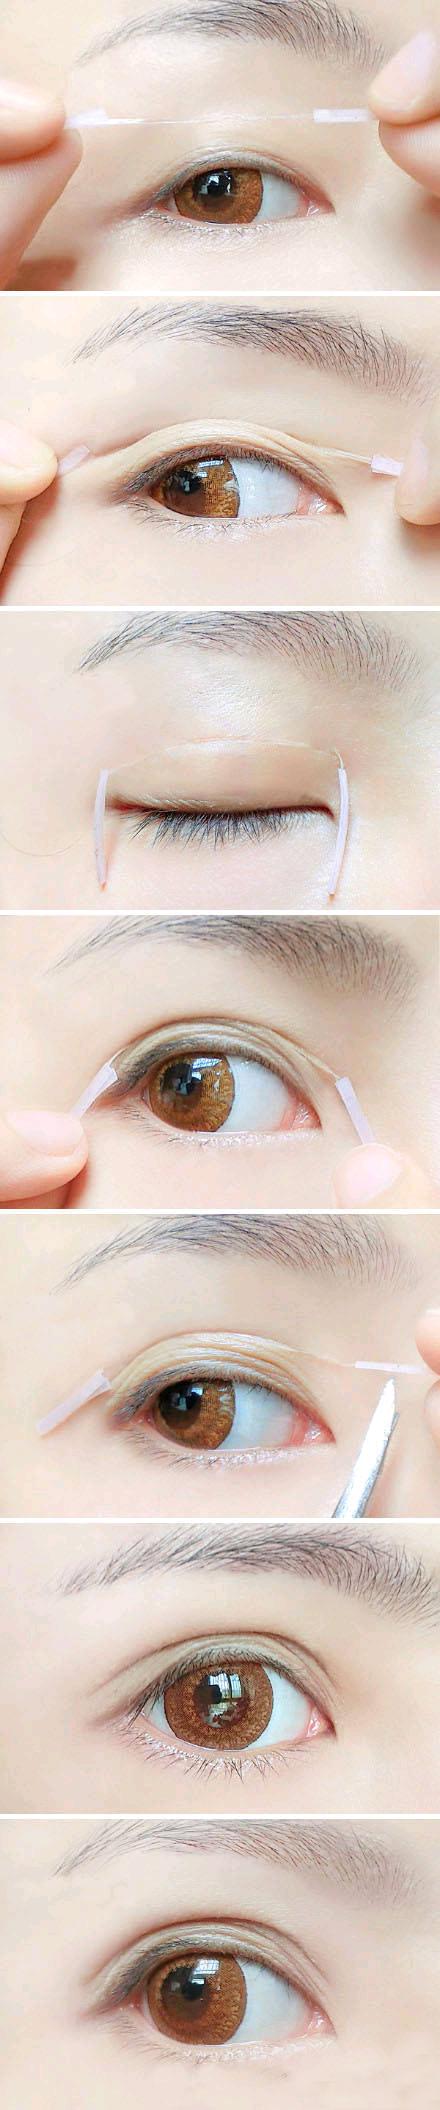 如何贴双眼皮贴图解 贴双眼皮的正确方法介绍